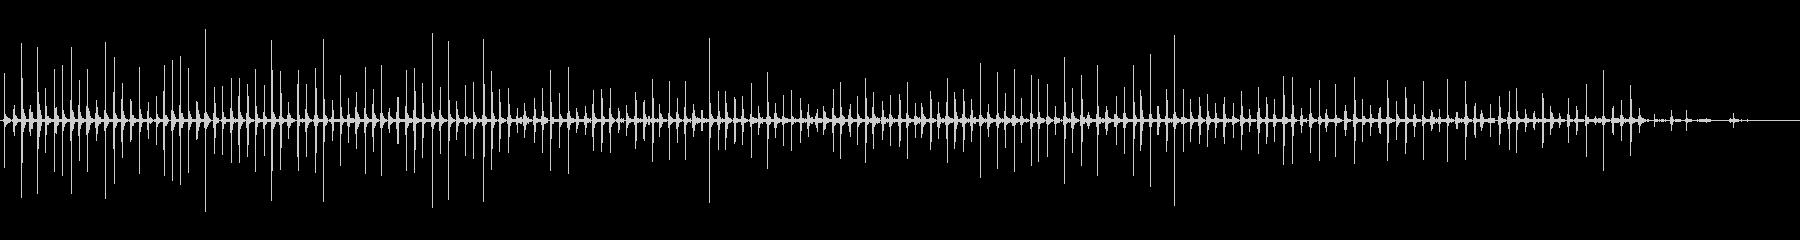 足音 女/走るパンプス+コンクリートの未再生の波形